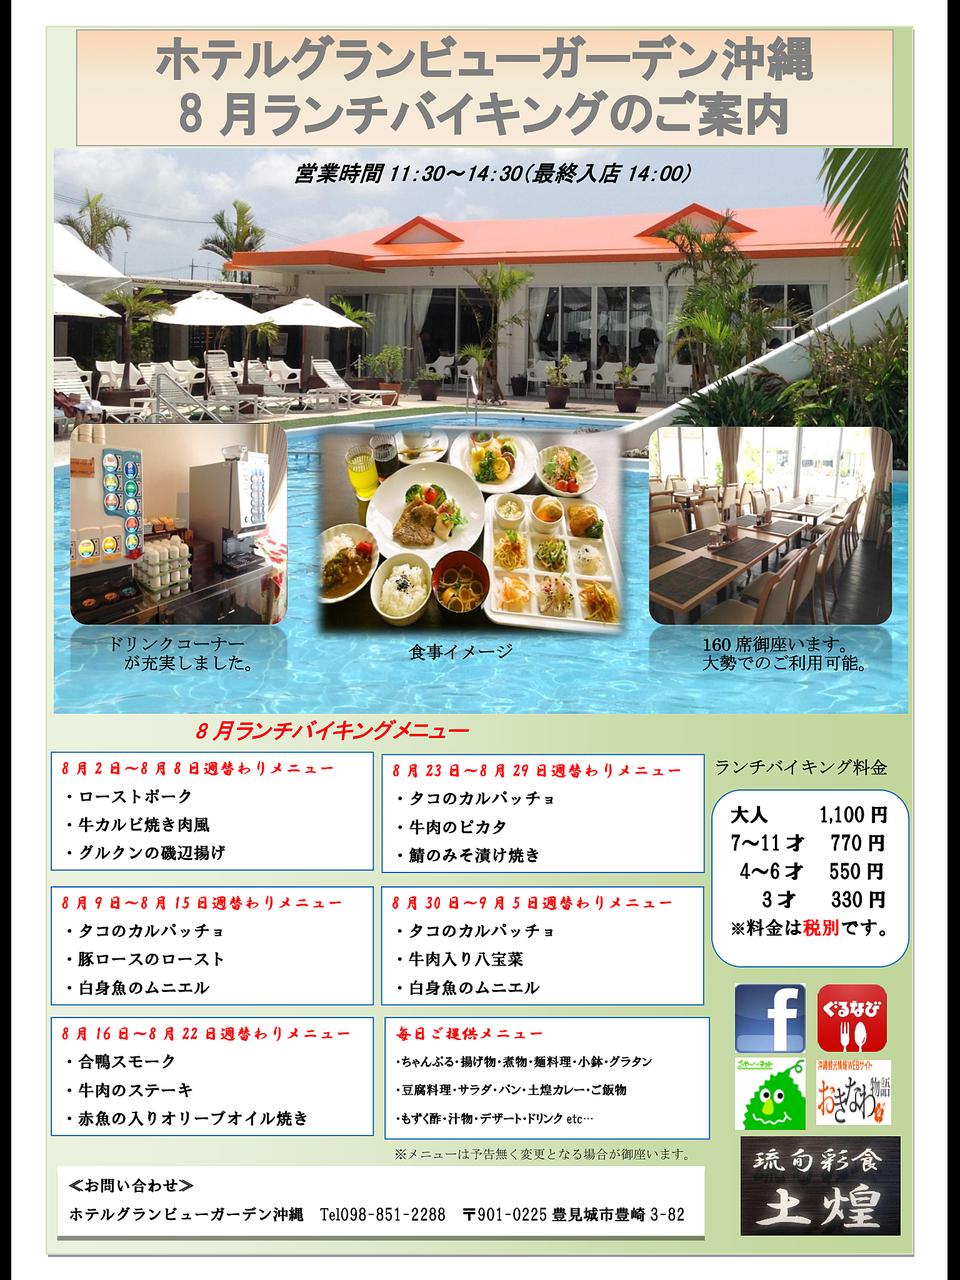 ホテルグランビューガーデン沖縄8月ランチバイキング | 沖縄イベント情報